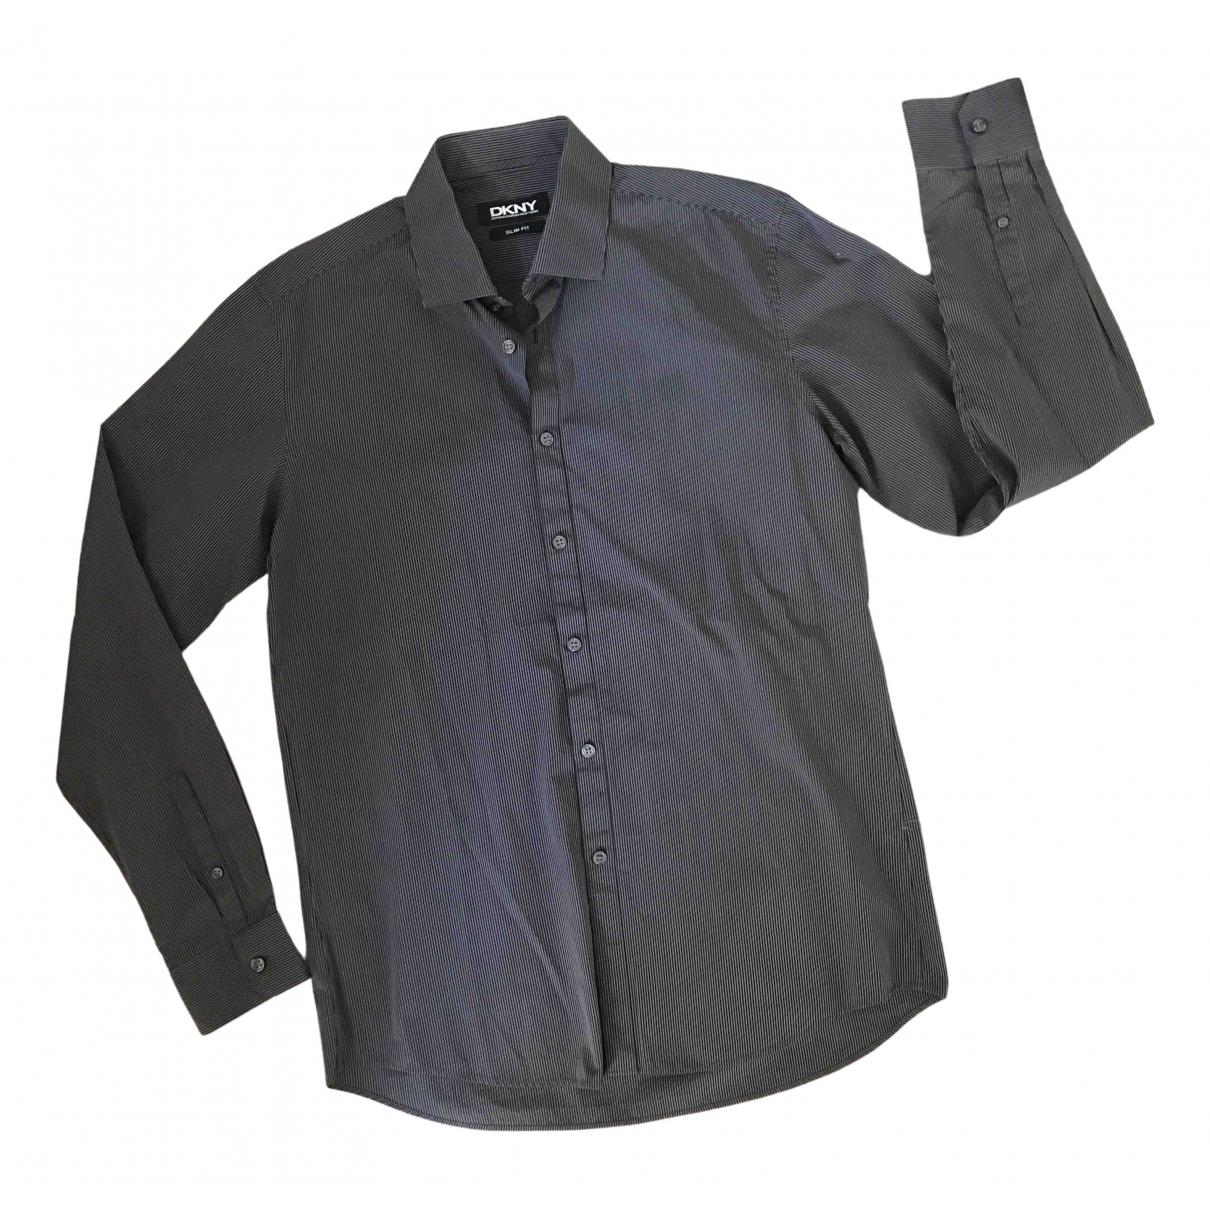 Dkny - Chemises   pour homme en coton - noir